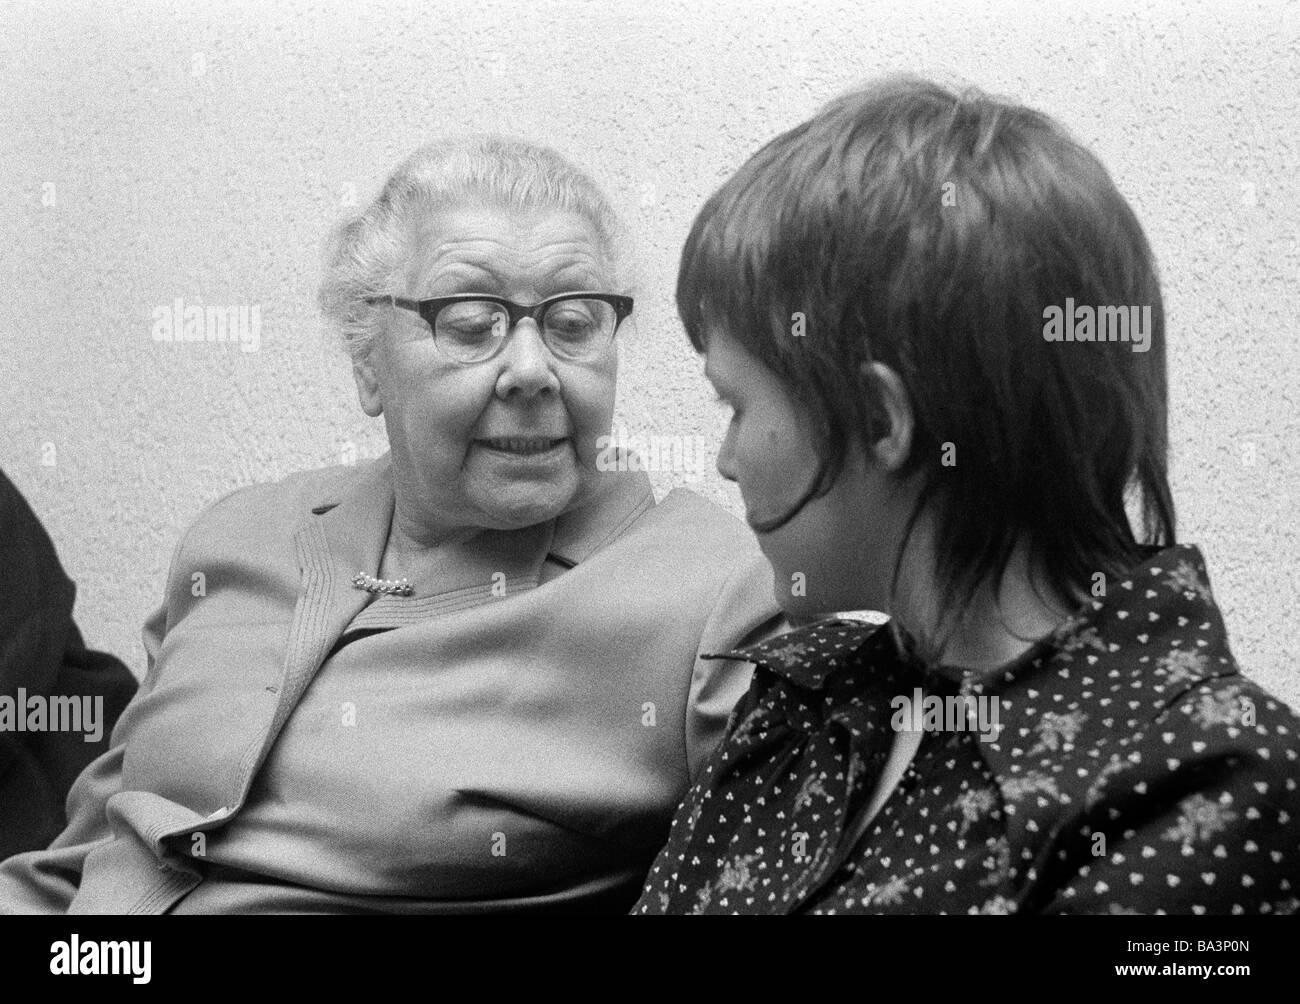 70er Jahre, schwarz / weiß Foto, Menschen, ältere Frau und junge ...